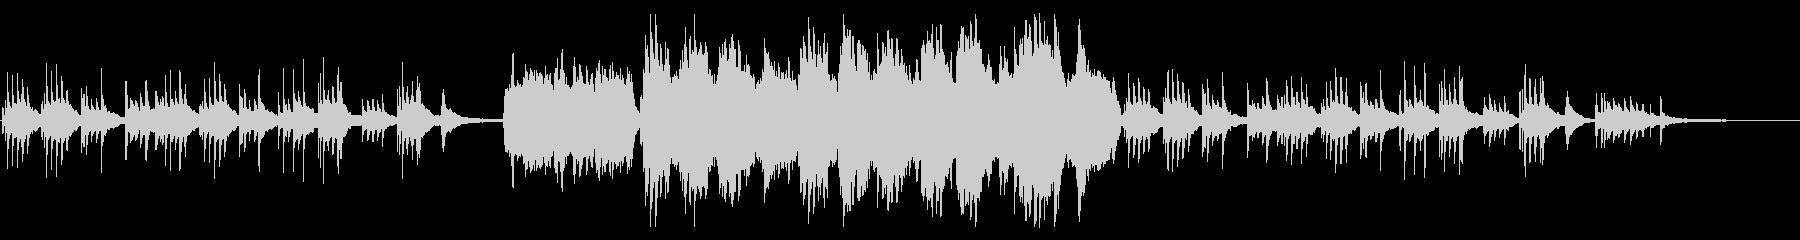 クリスマス感のあるピアノメインのバラードの未再生の波形